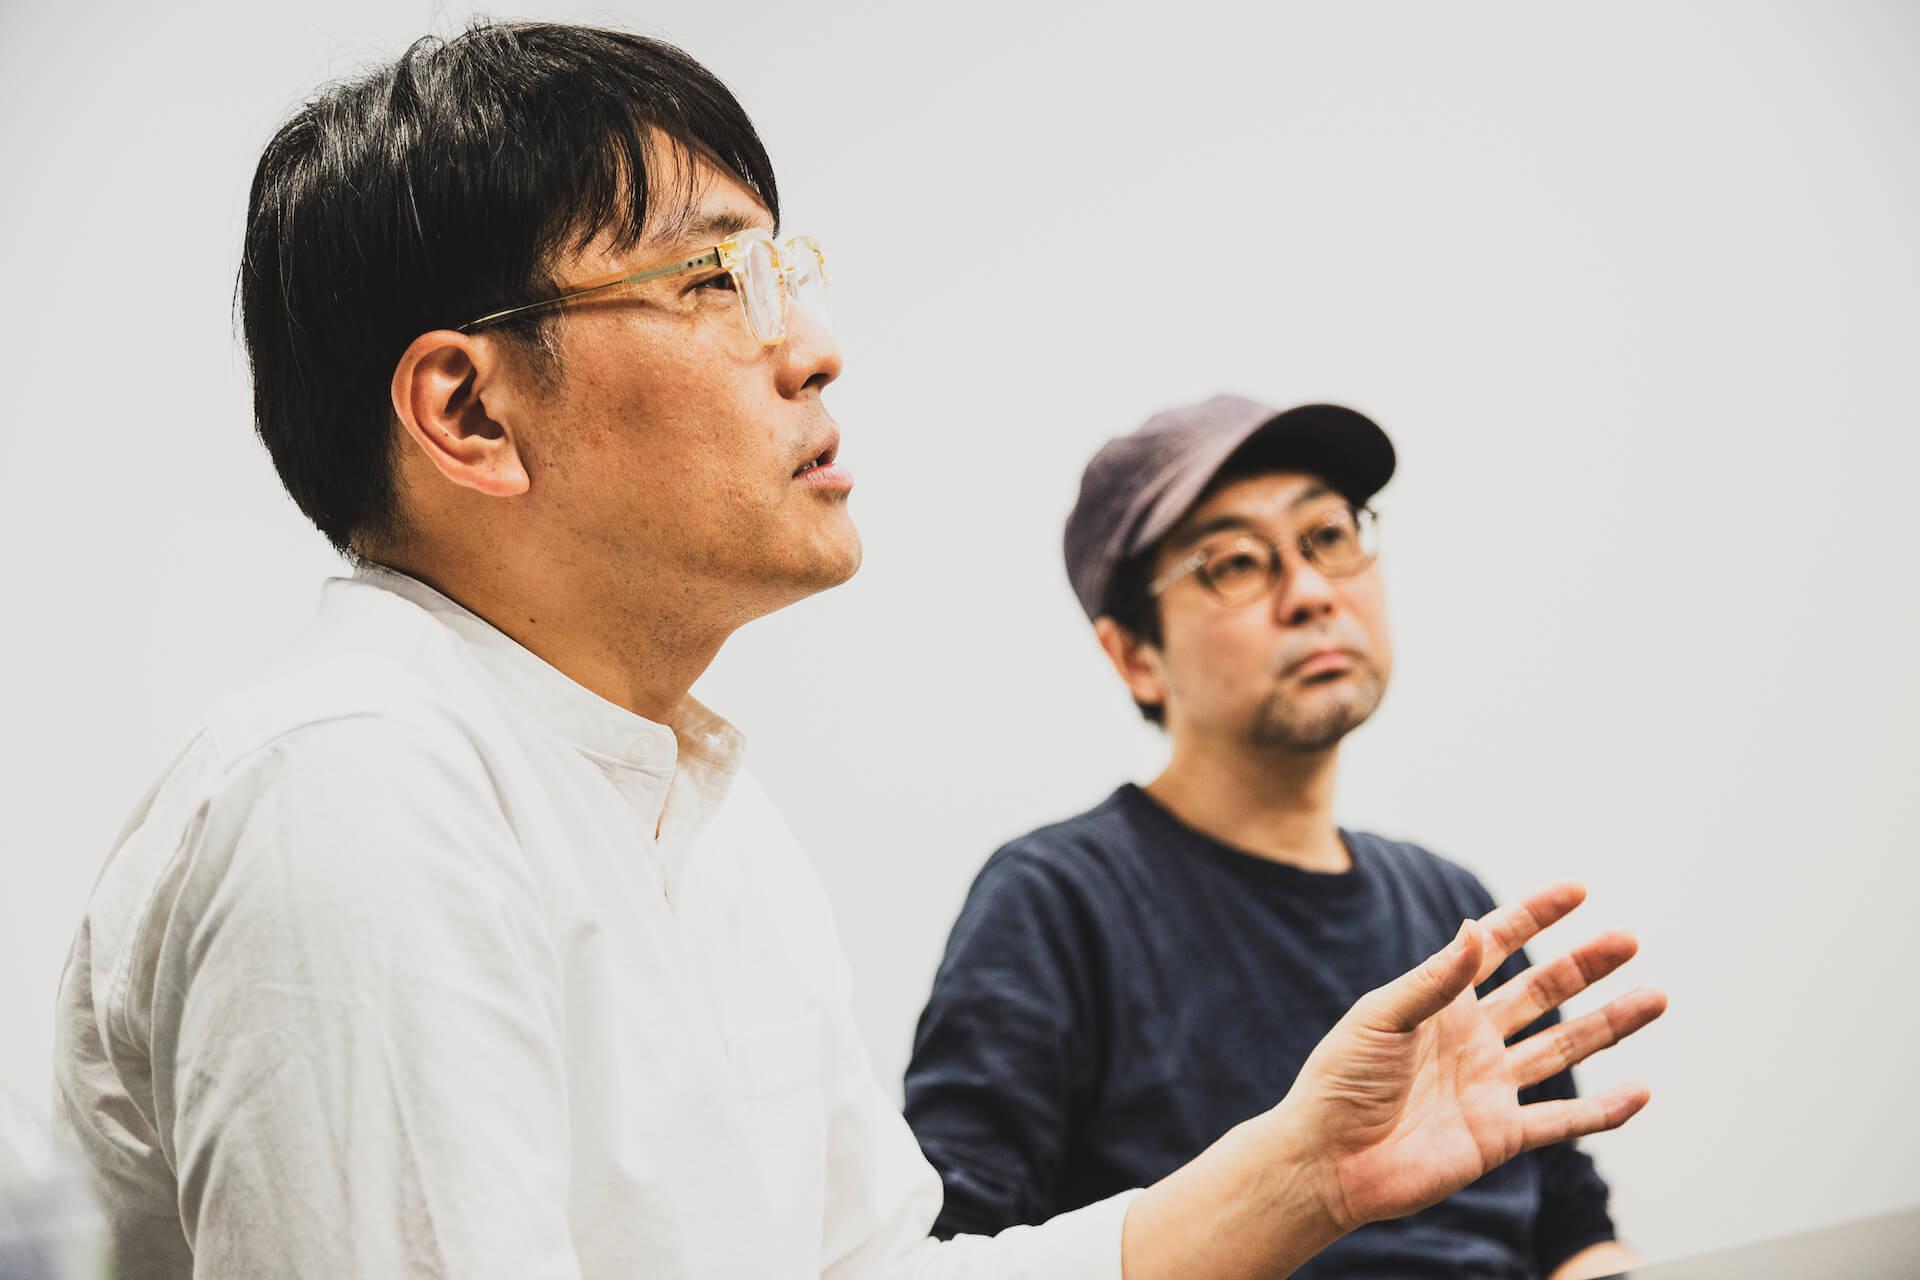 KIRINJI堀込と千ヶ崎が探る、現代に響く音とは? interview-kirinji-7